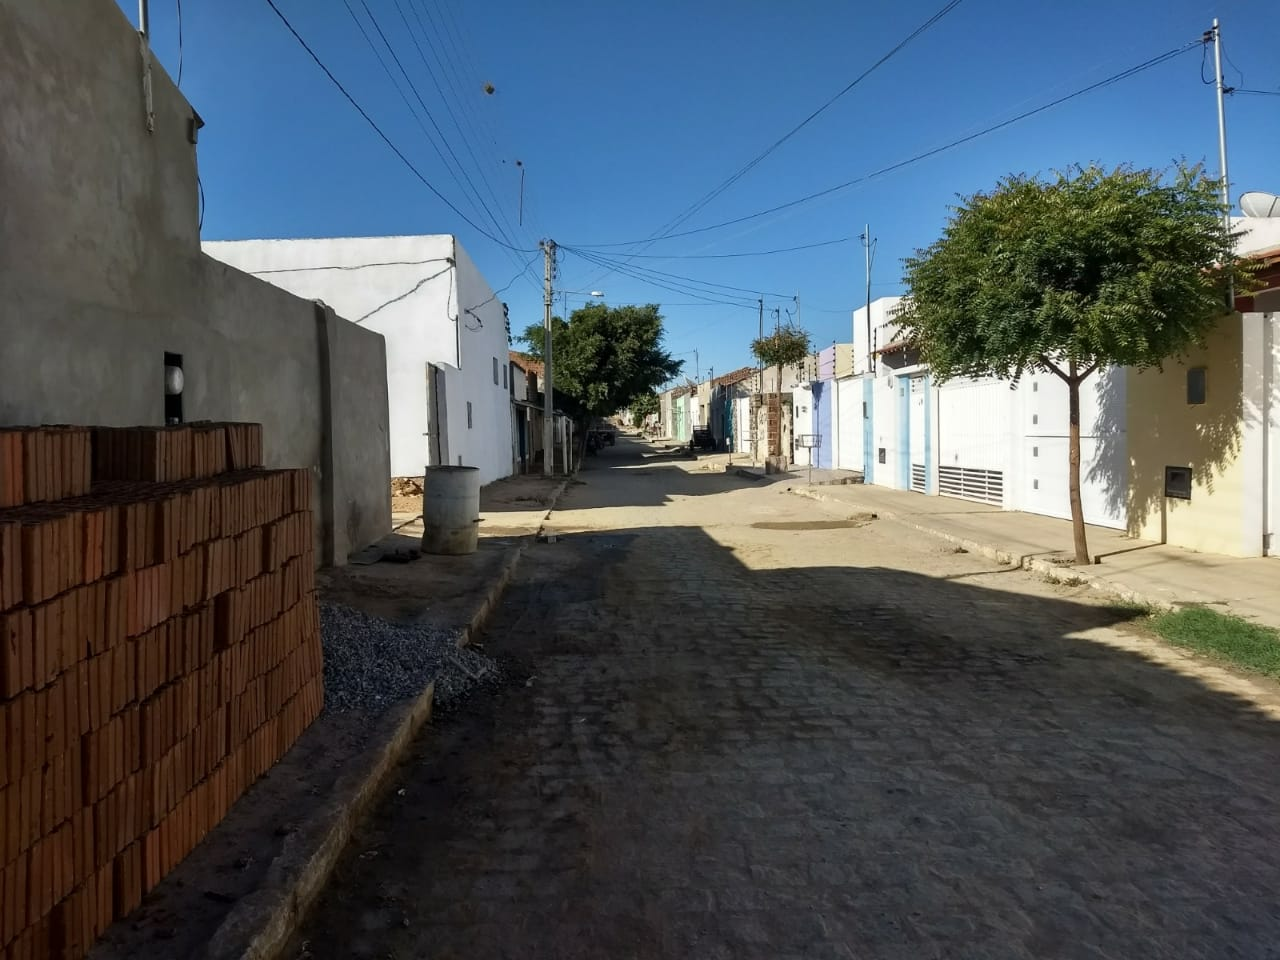 """f19280bf-ae6c-45d4-89ae-9344ca380164 Rua do """"arame"""" em Monteiro dá exemplo de cidadania com ruas limpas.."""